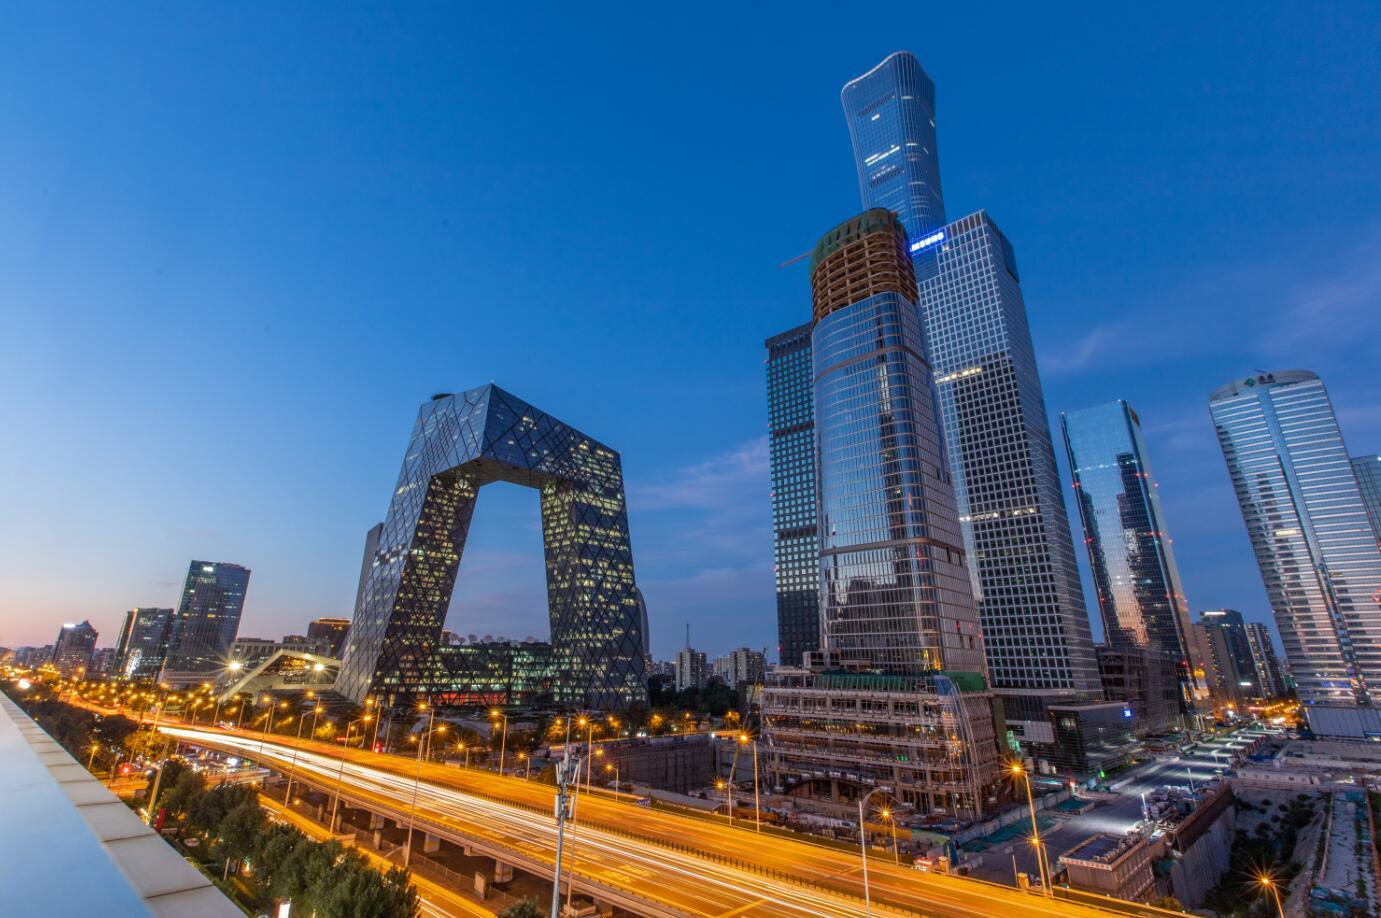 《建设工程司法解释(二)》出借建筑施工资质的责任承